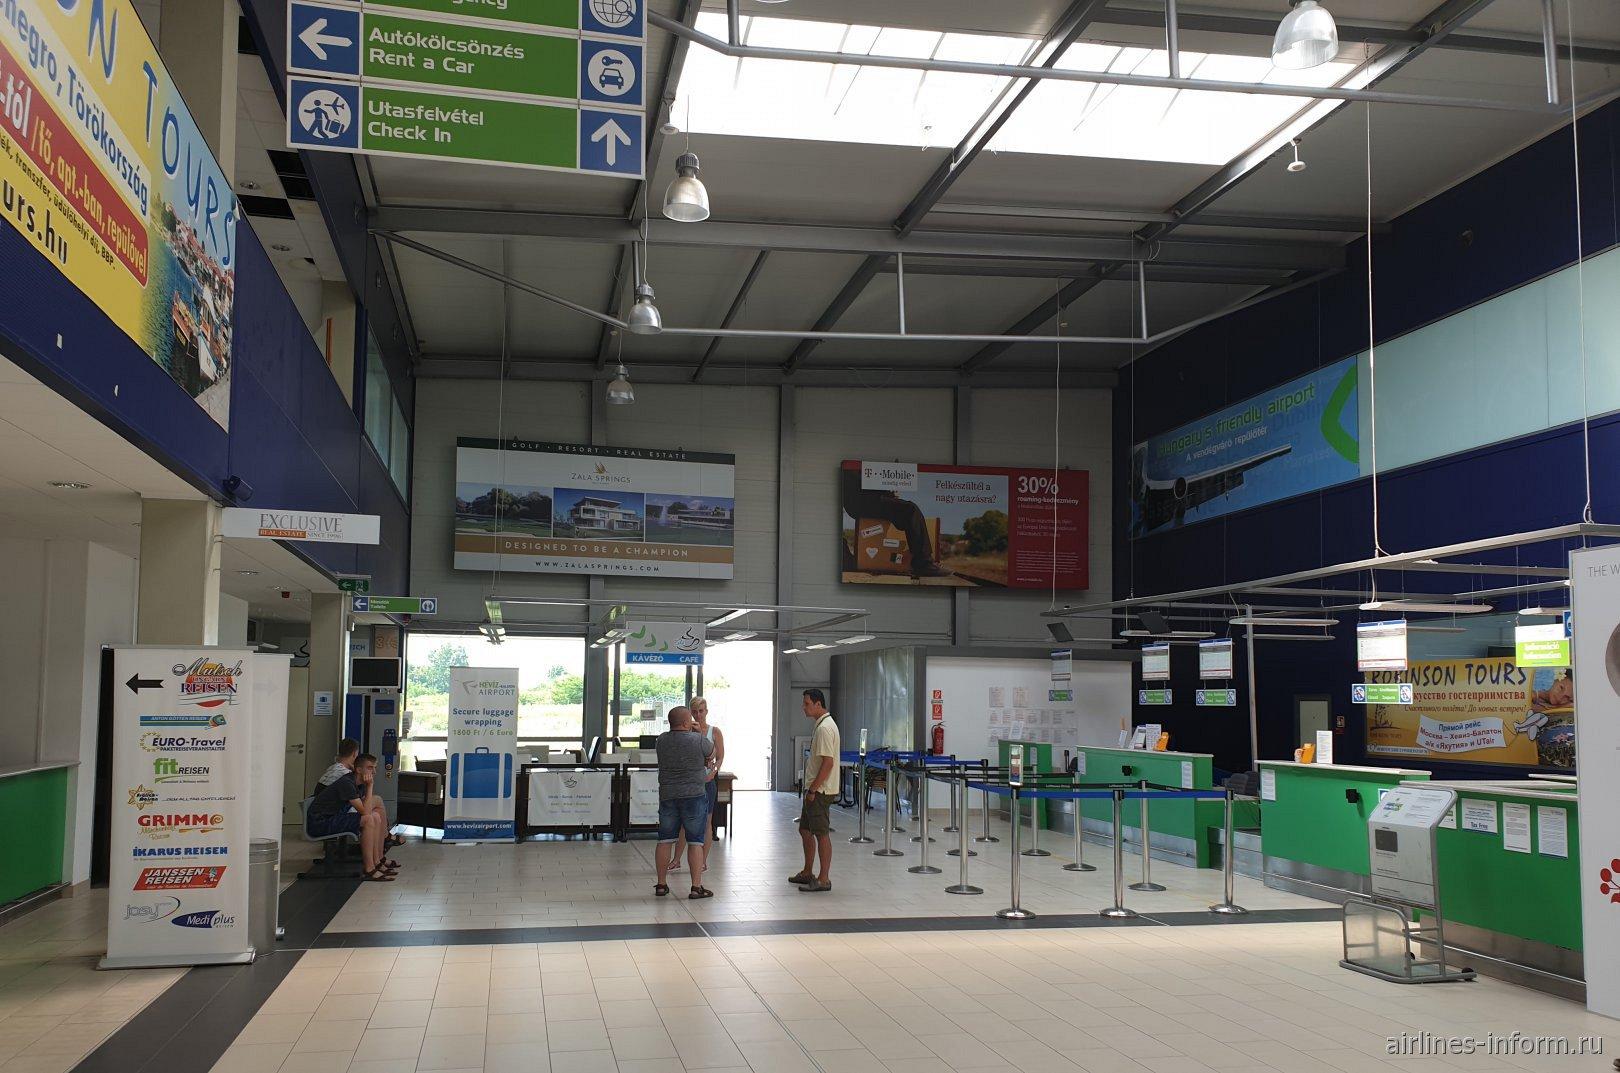 Зона регистрации в аэропорту Хевиз-Балатон